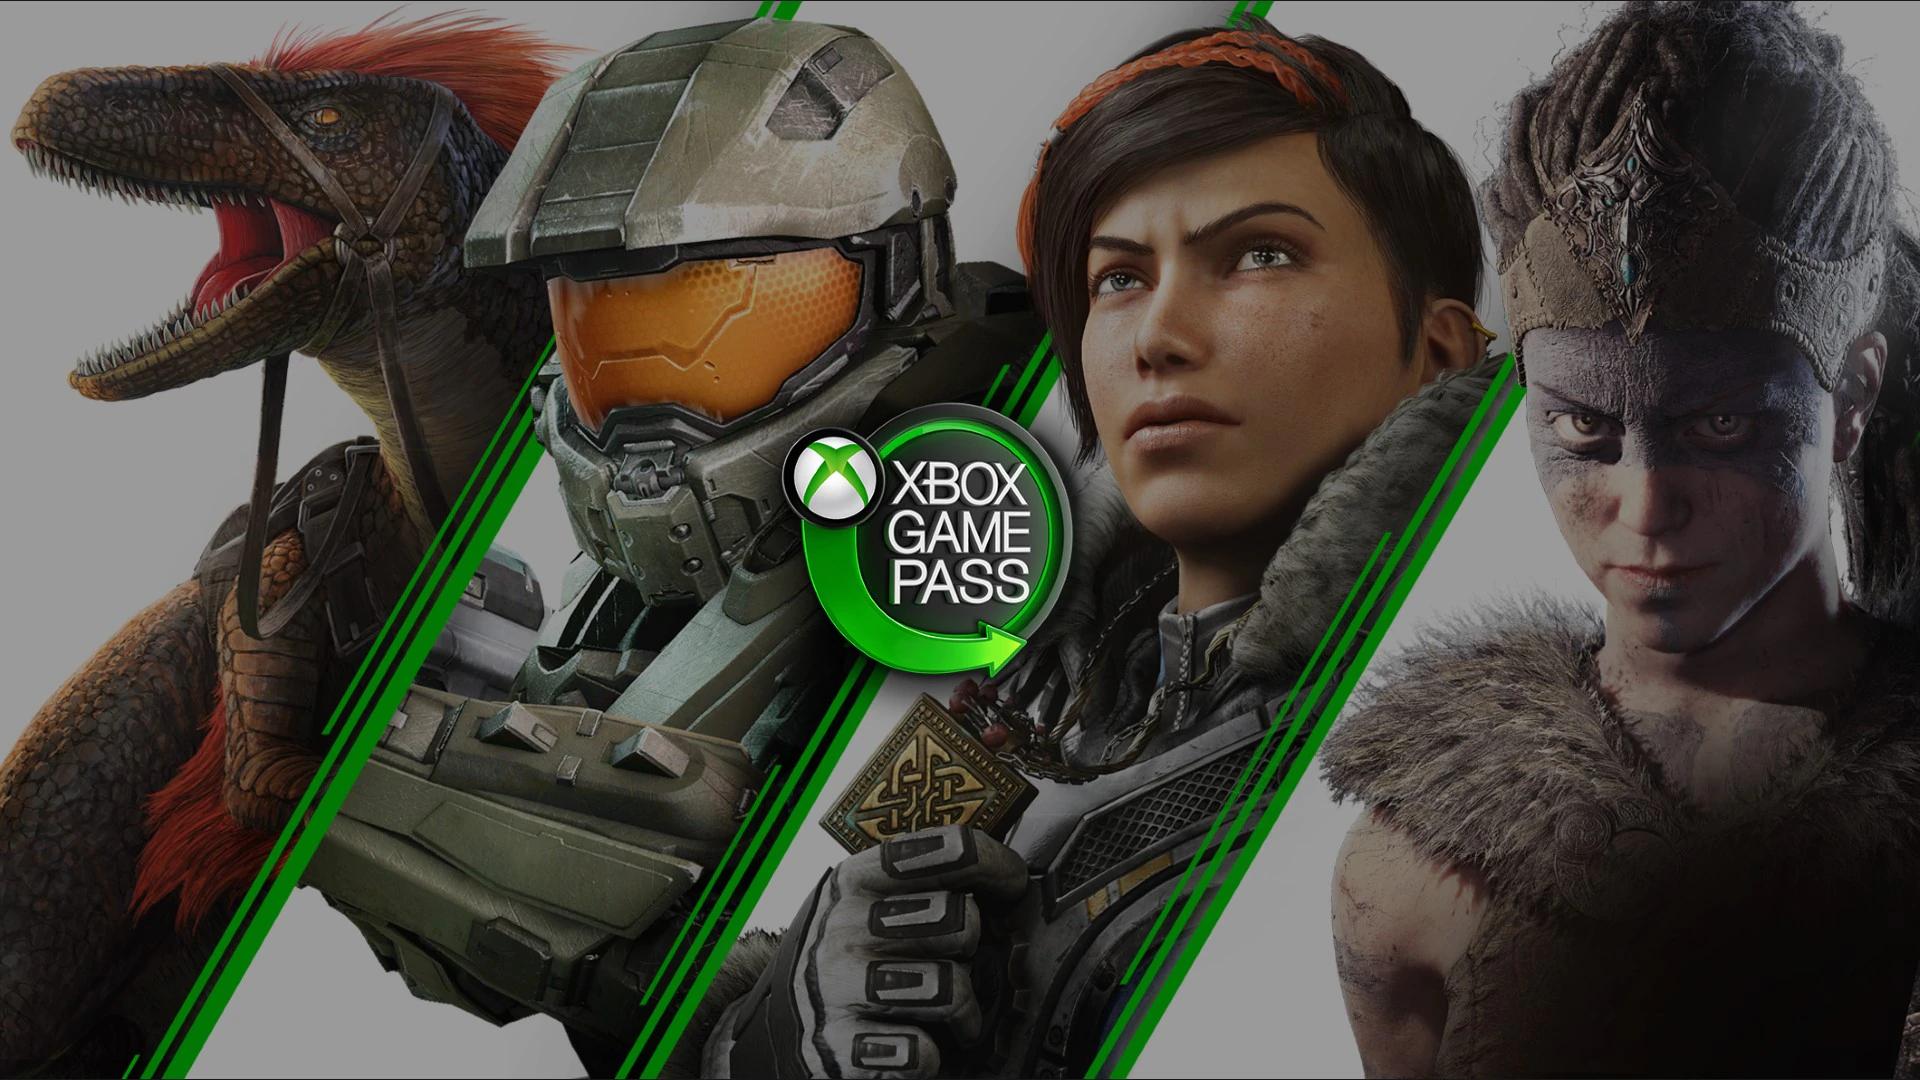 Microsoft Xbox Game Pass für PC (beta) - 1 € im ersten Monat (danach 3,99 €) z.B. Horizon 4, Gears 5, Tomb Raider